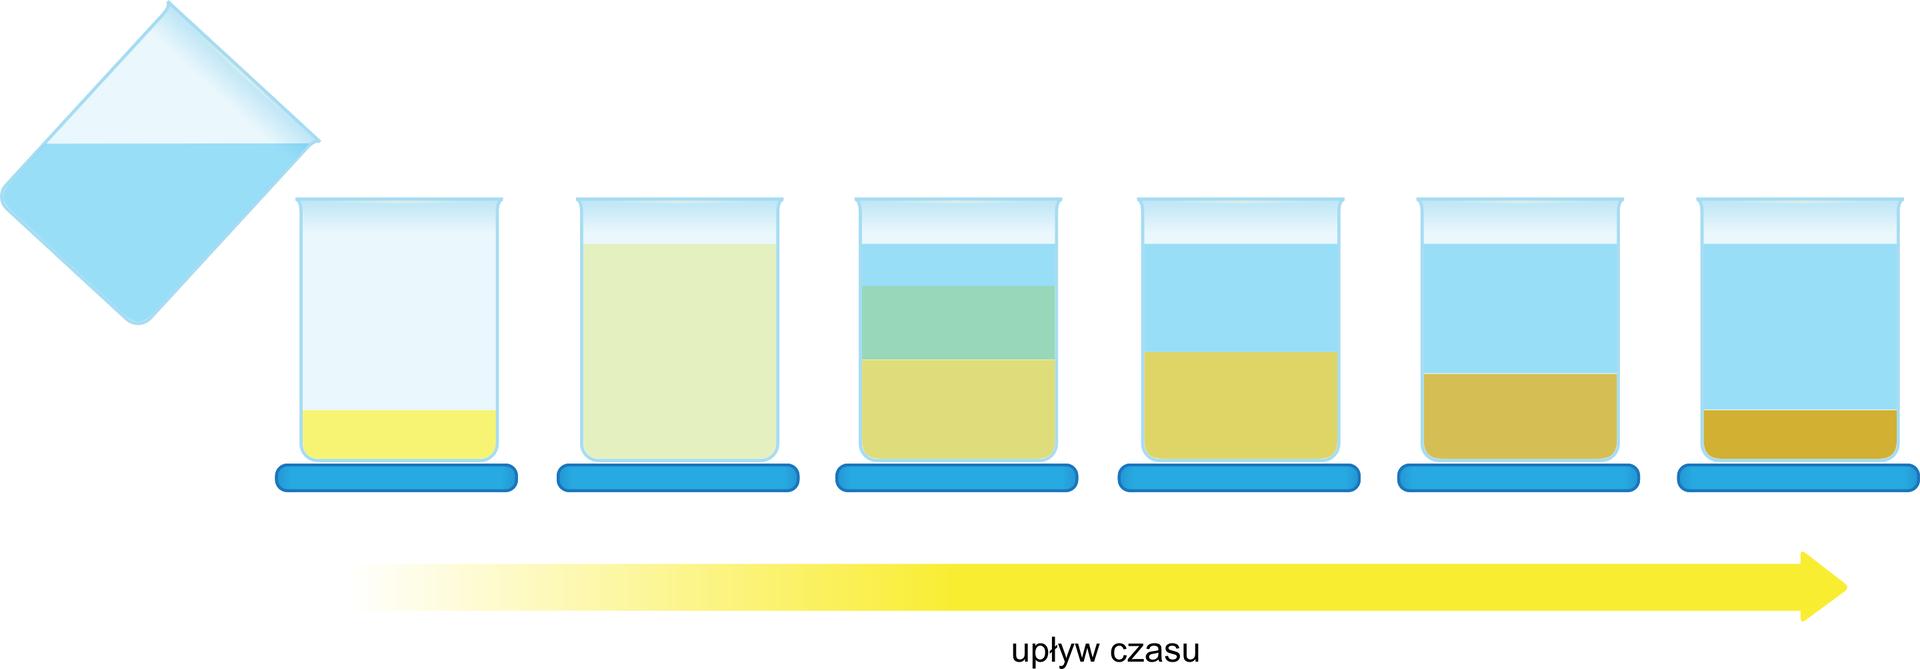 Rysunek przedstawia poszczególne etapy procesu sedymentacji, używanego do rozdzielania mieszanin niejednorodnych. Na pierwszym od lewej zsześciu rysunków do zlewki zawierającej piasek wlewana jest zdrugiej zlewki woda. Drugi rysunek zawiera zlewkę zjednorodną mieszaniną wody ipiasku, co jest punktem wyjścia dla procesu sedymentacji. Wmiarę upływu czasu, co ilustrują kolejne cztery rysunki, nierozpuszczalny wwodzie piasek opada na dno, pozostawiając nad sobą czystą wodę. Ostatni zsześciu rysunków, pierwszy od prawej przedstawia zlewkę, wktórej piasek iwoda tworzą wyraźne warstwy.